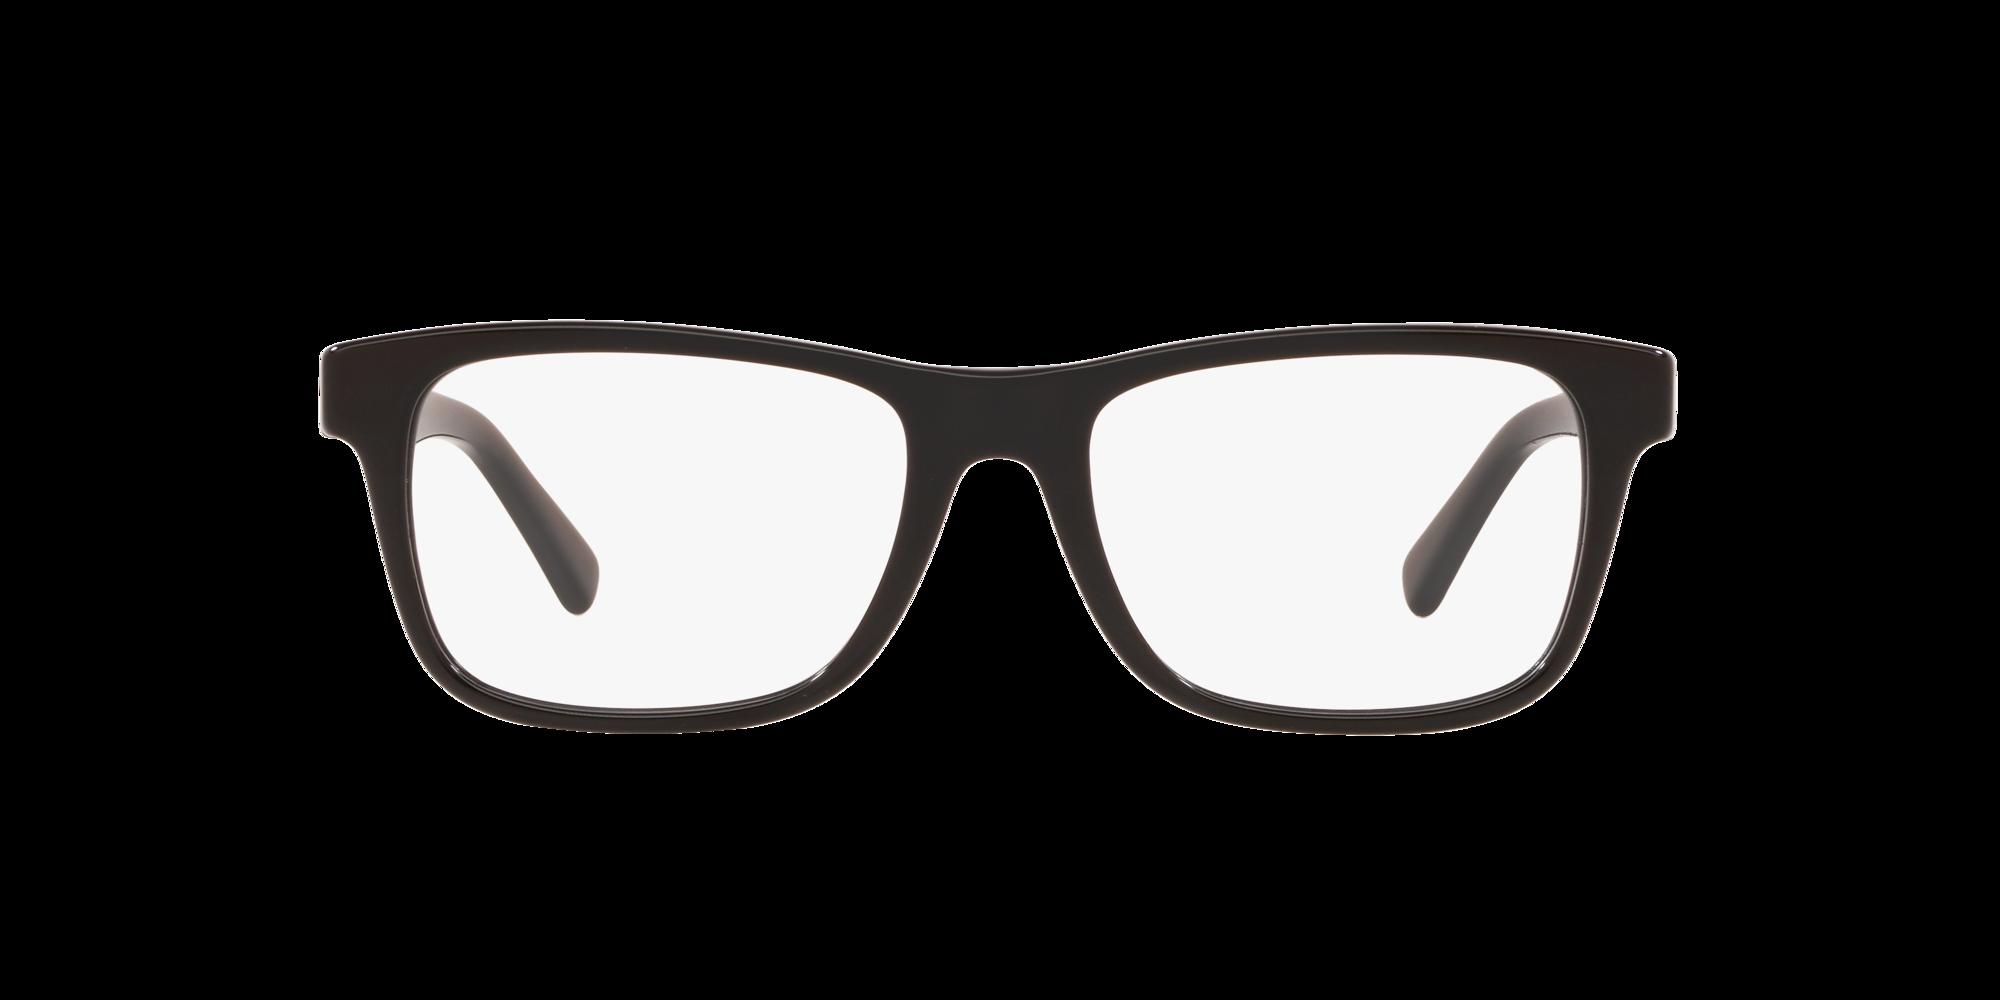 Imagen para EC2002 de LensCrafters    Espejuelos, espejuelos graduados en línea, gafas